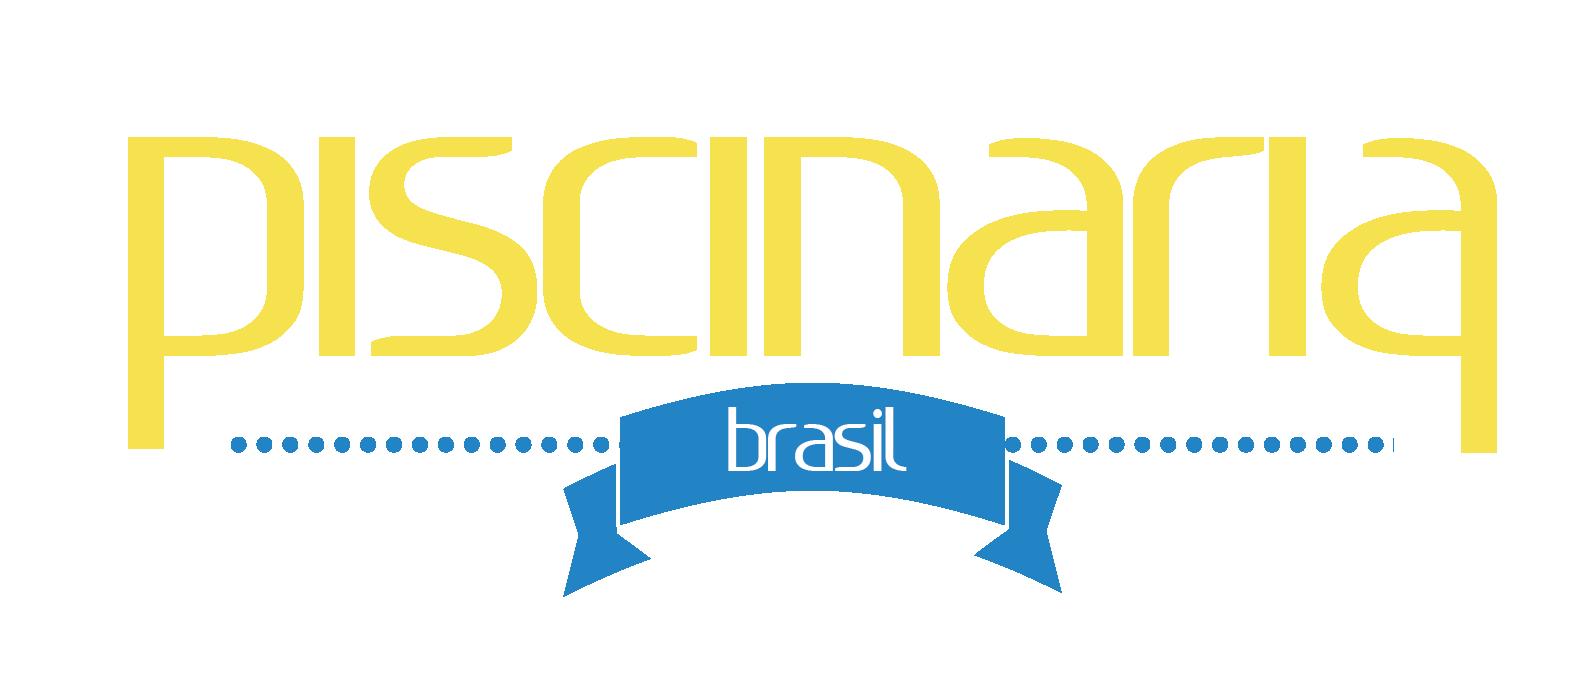 Piscinaria Brasil - Produtos para Piscina